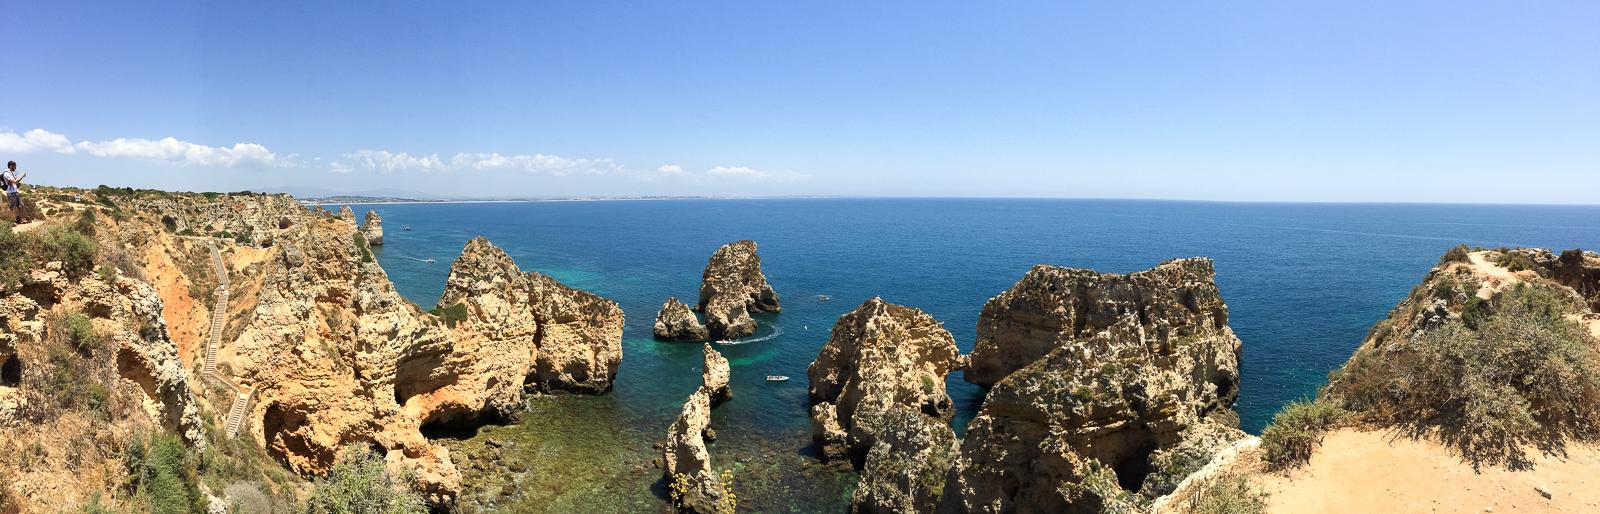 Dag06-Algarve-015-IMG_0977